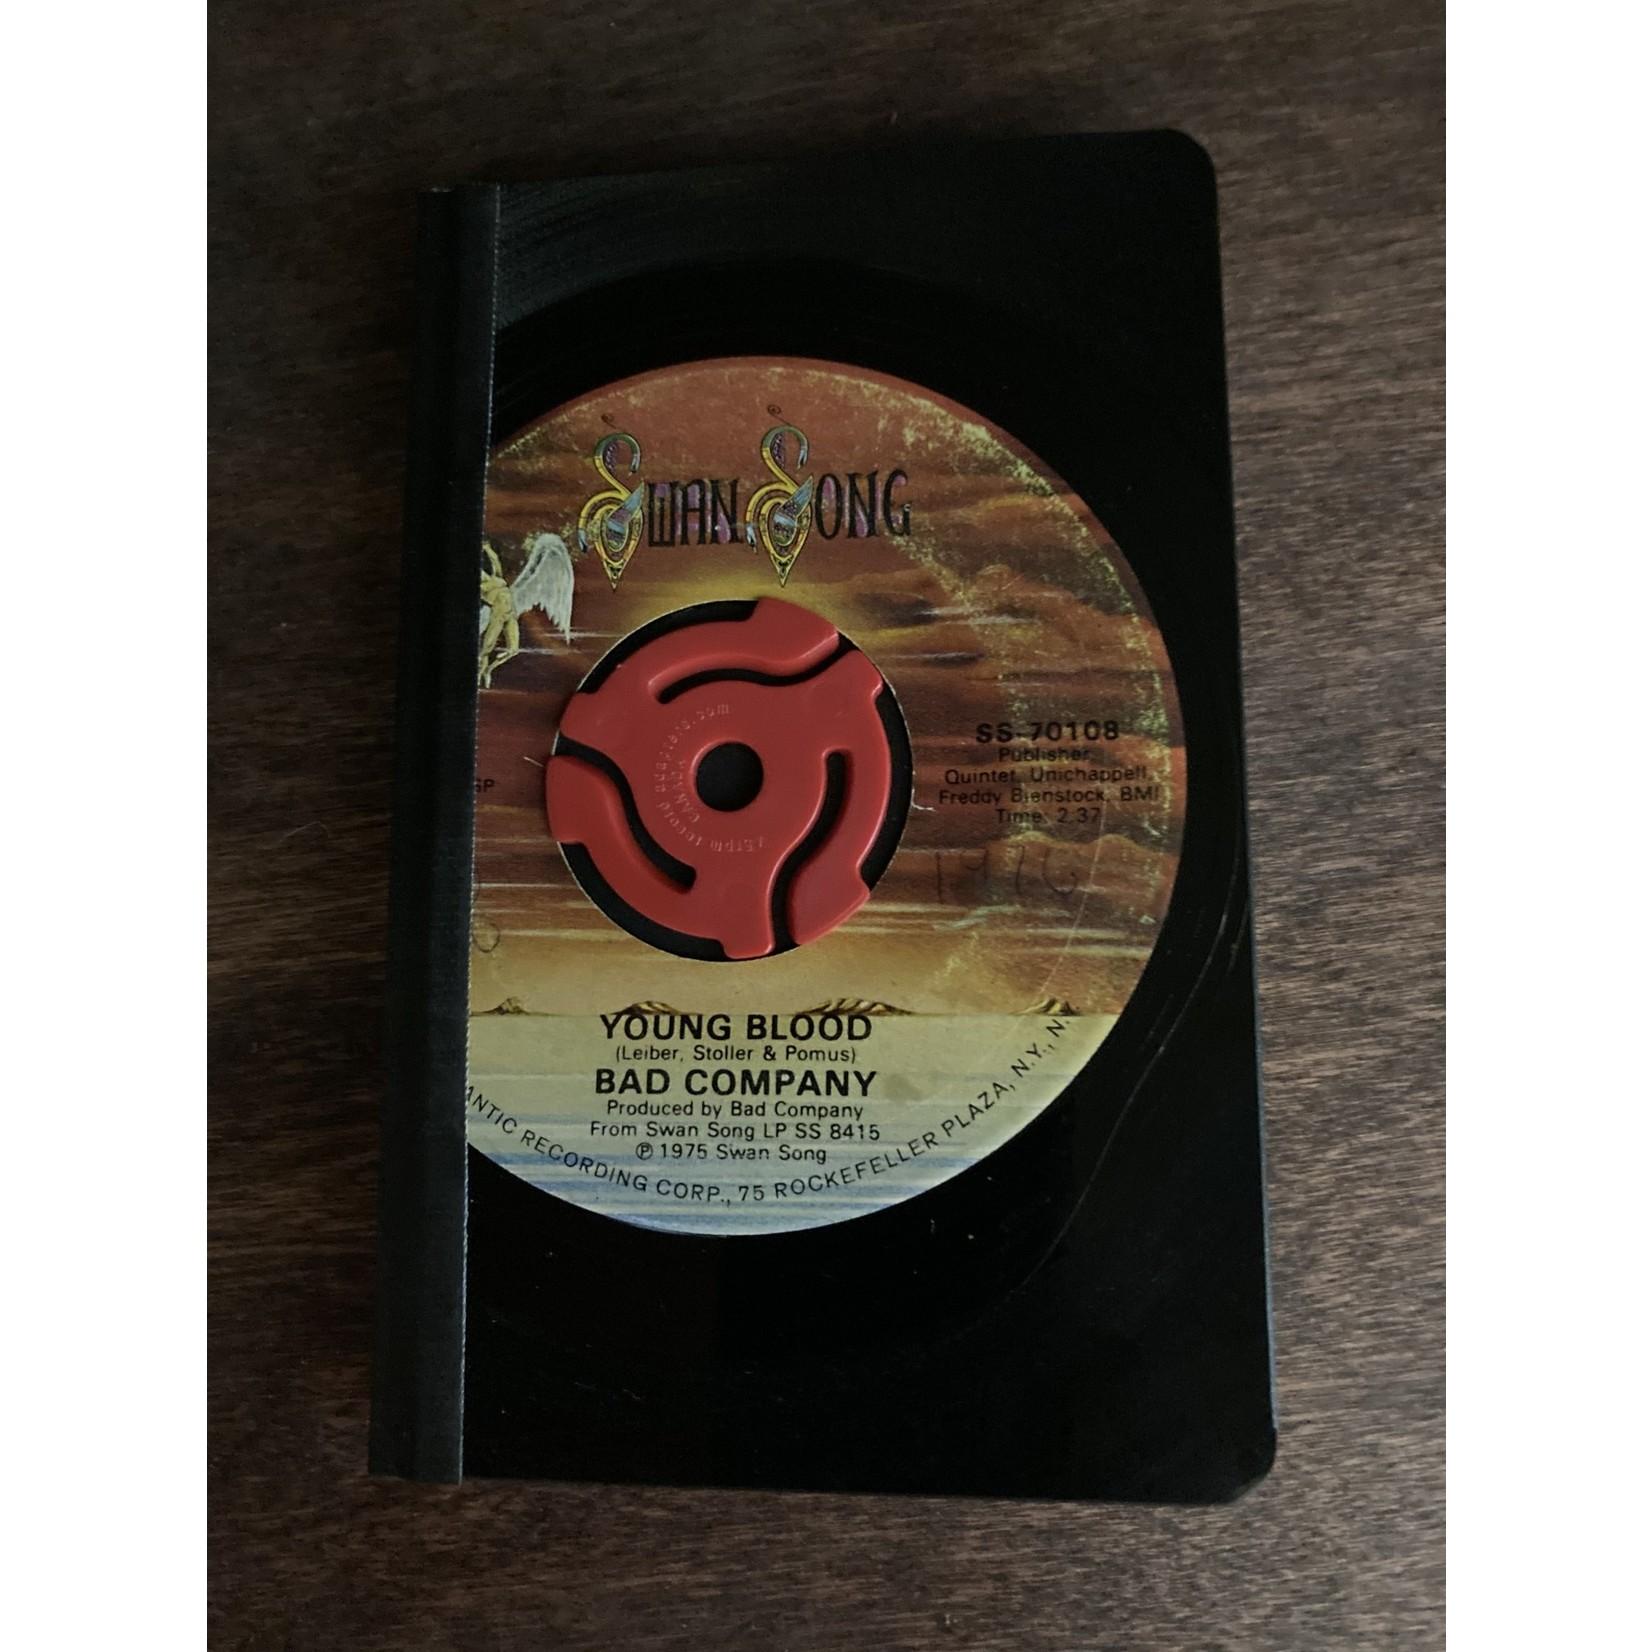 Vinylux Vinylux record journal | Bad Company